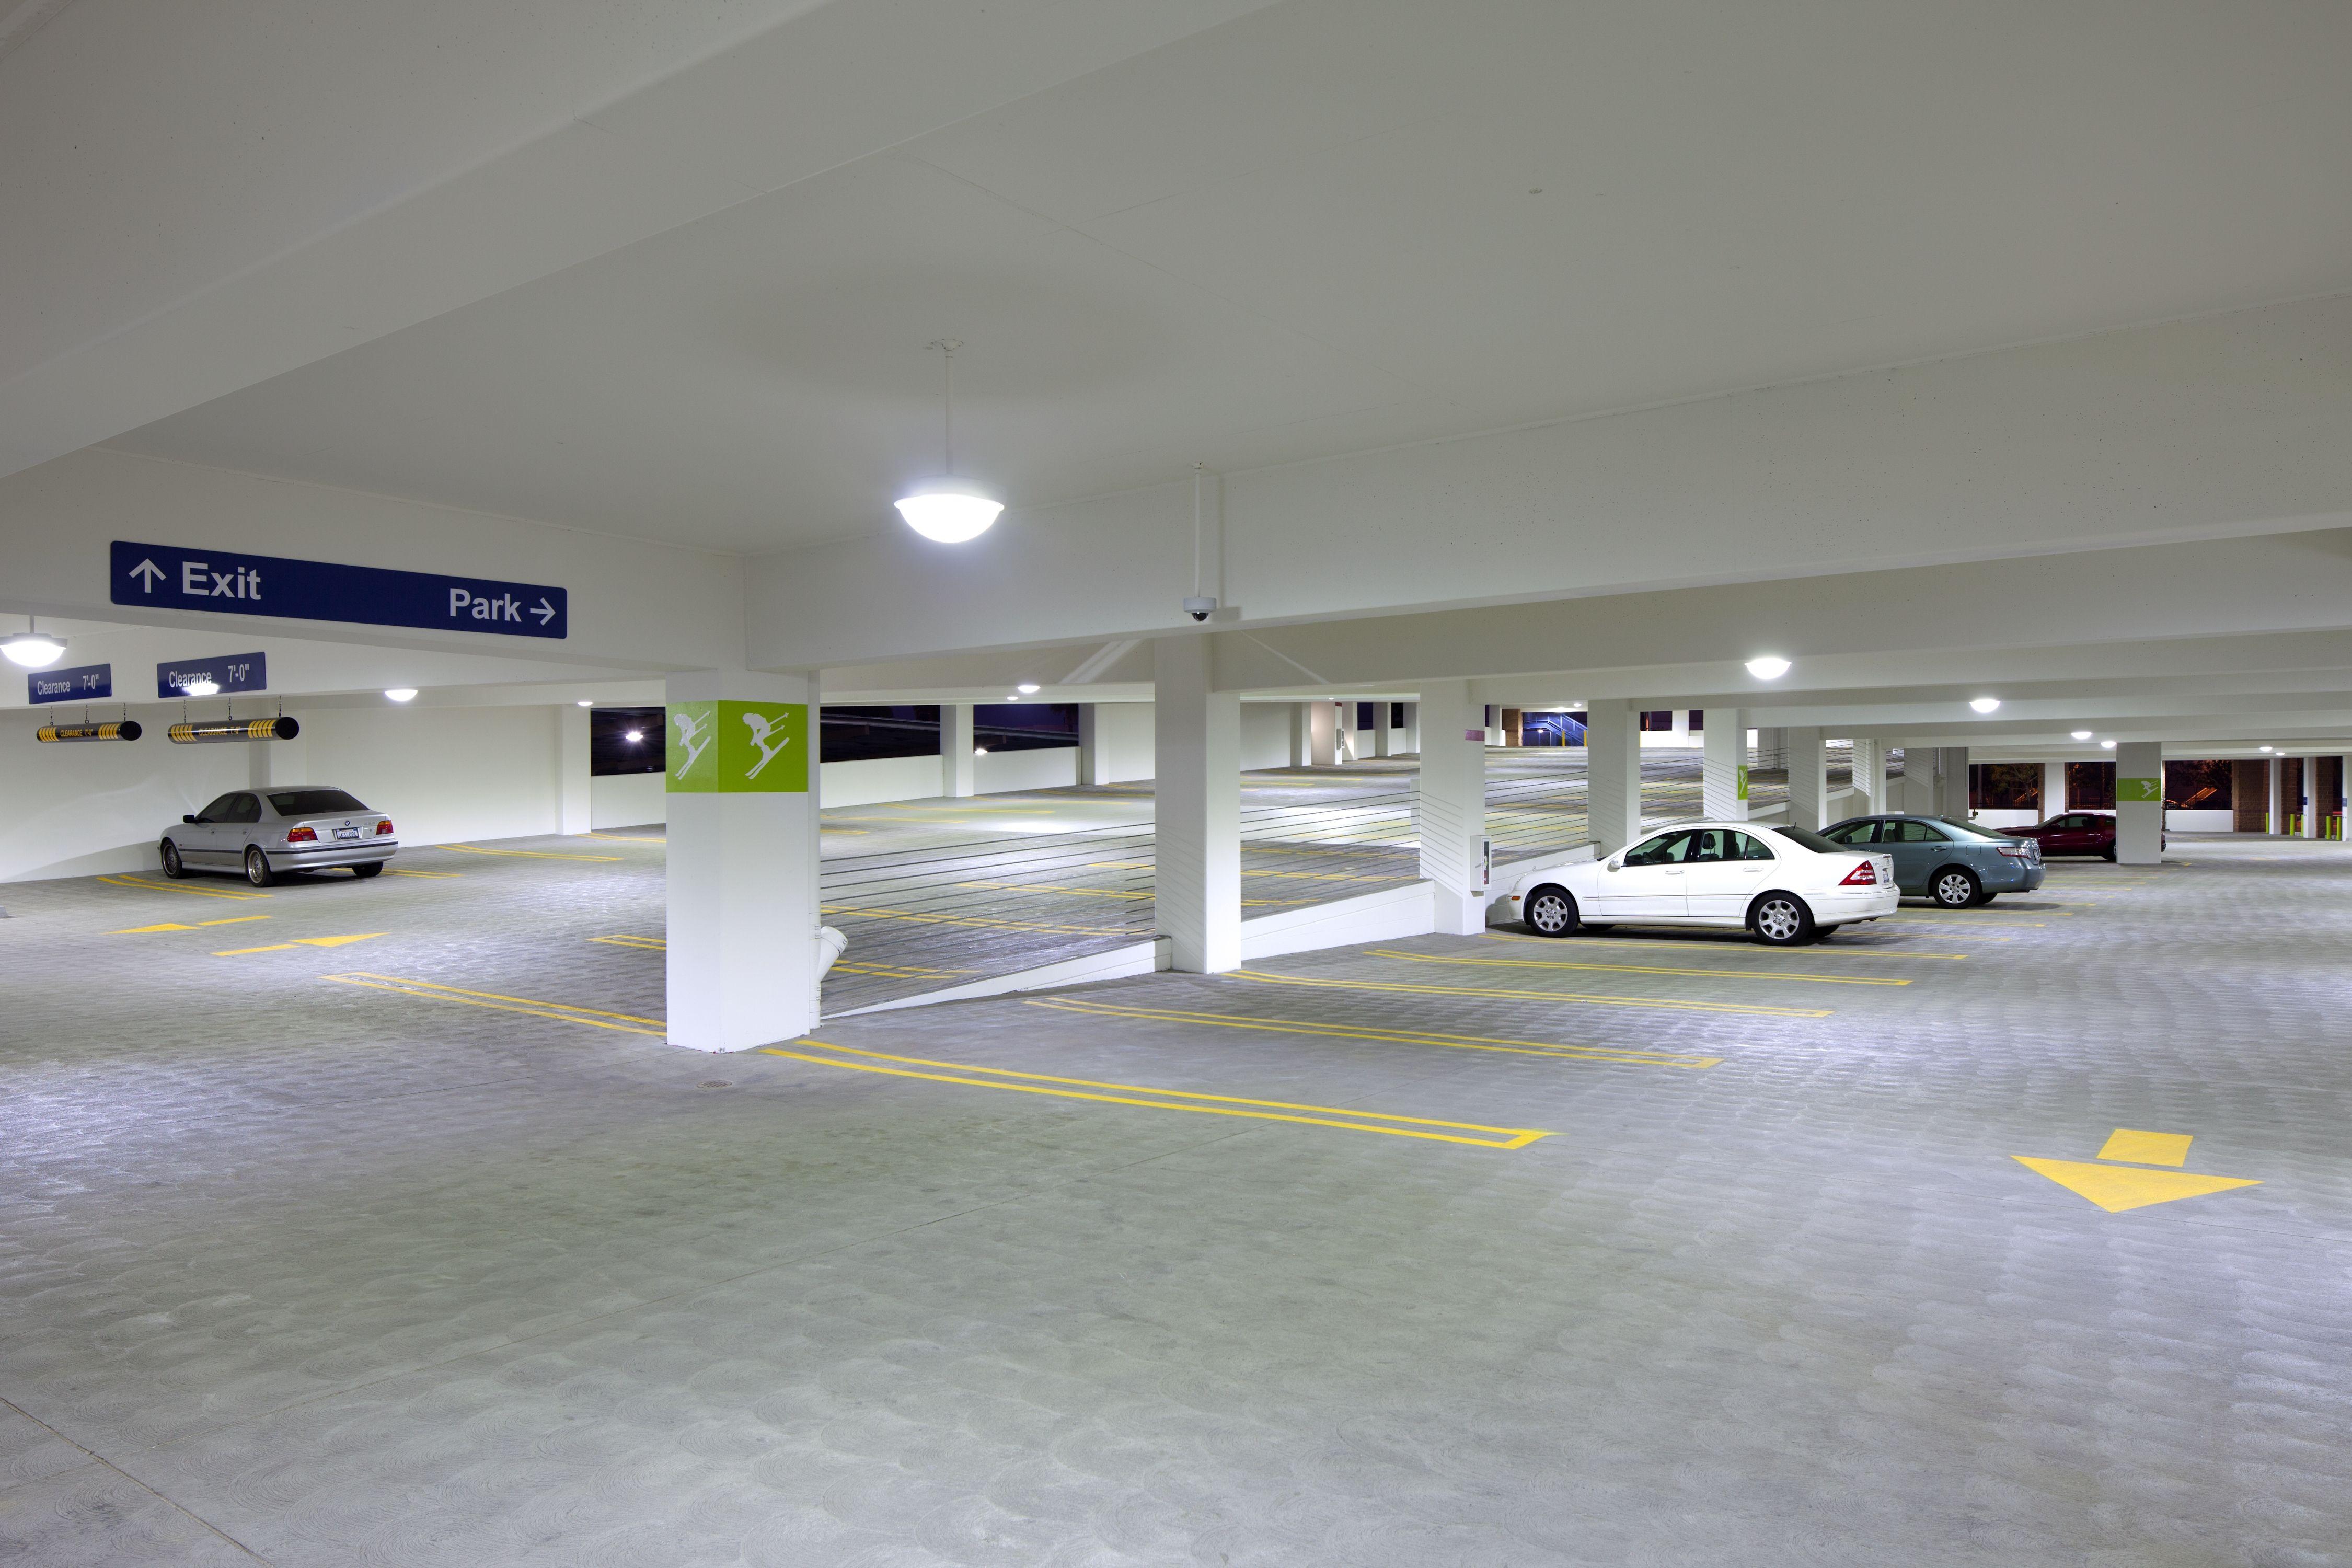 Parking garage interior design images for Hotel parking design